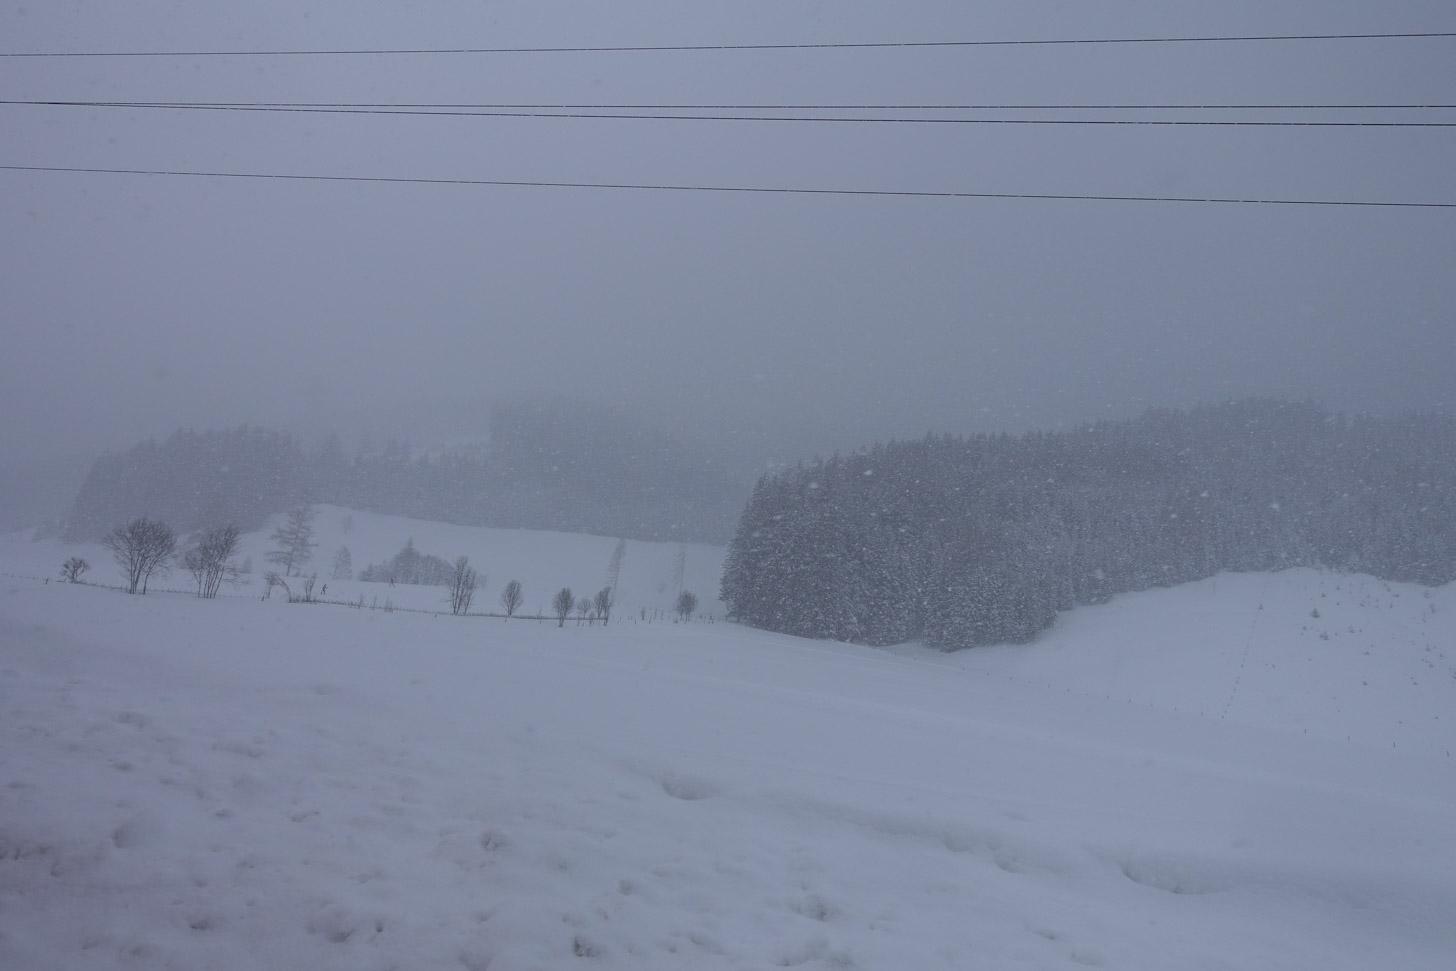 Sneeuwval kan het lastig maken om te wintersporten